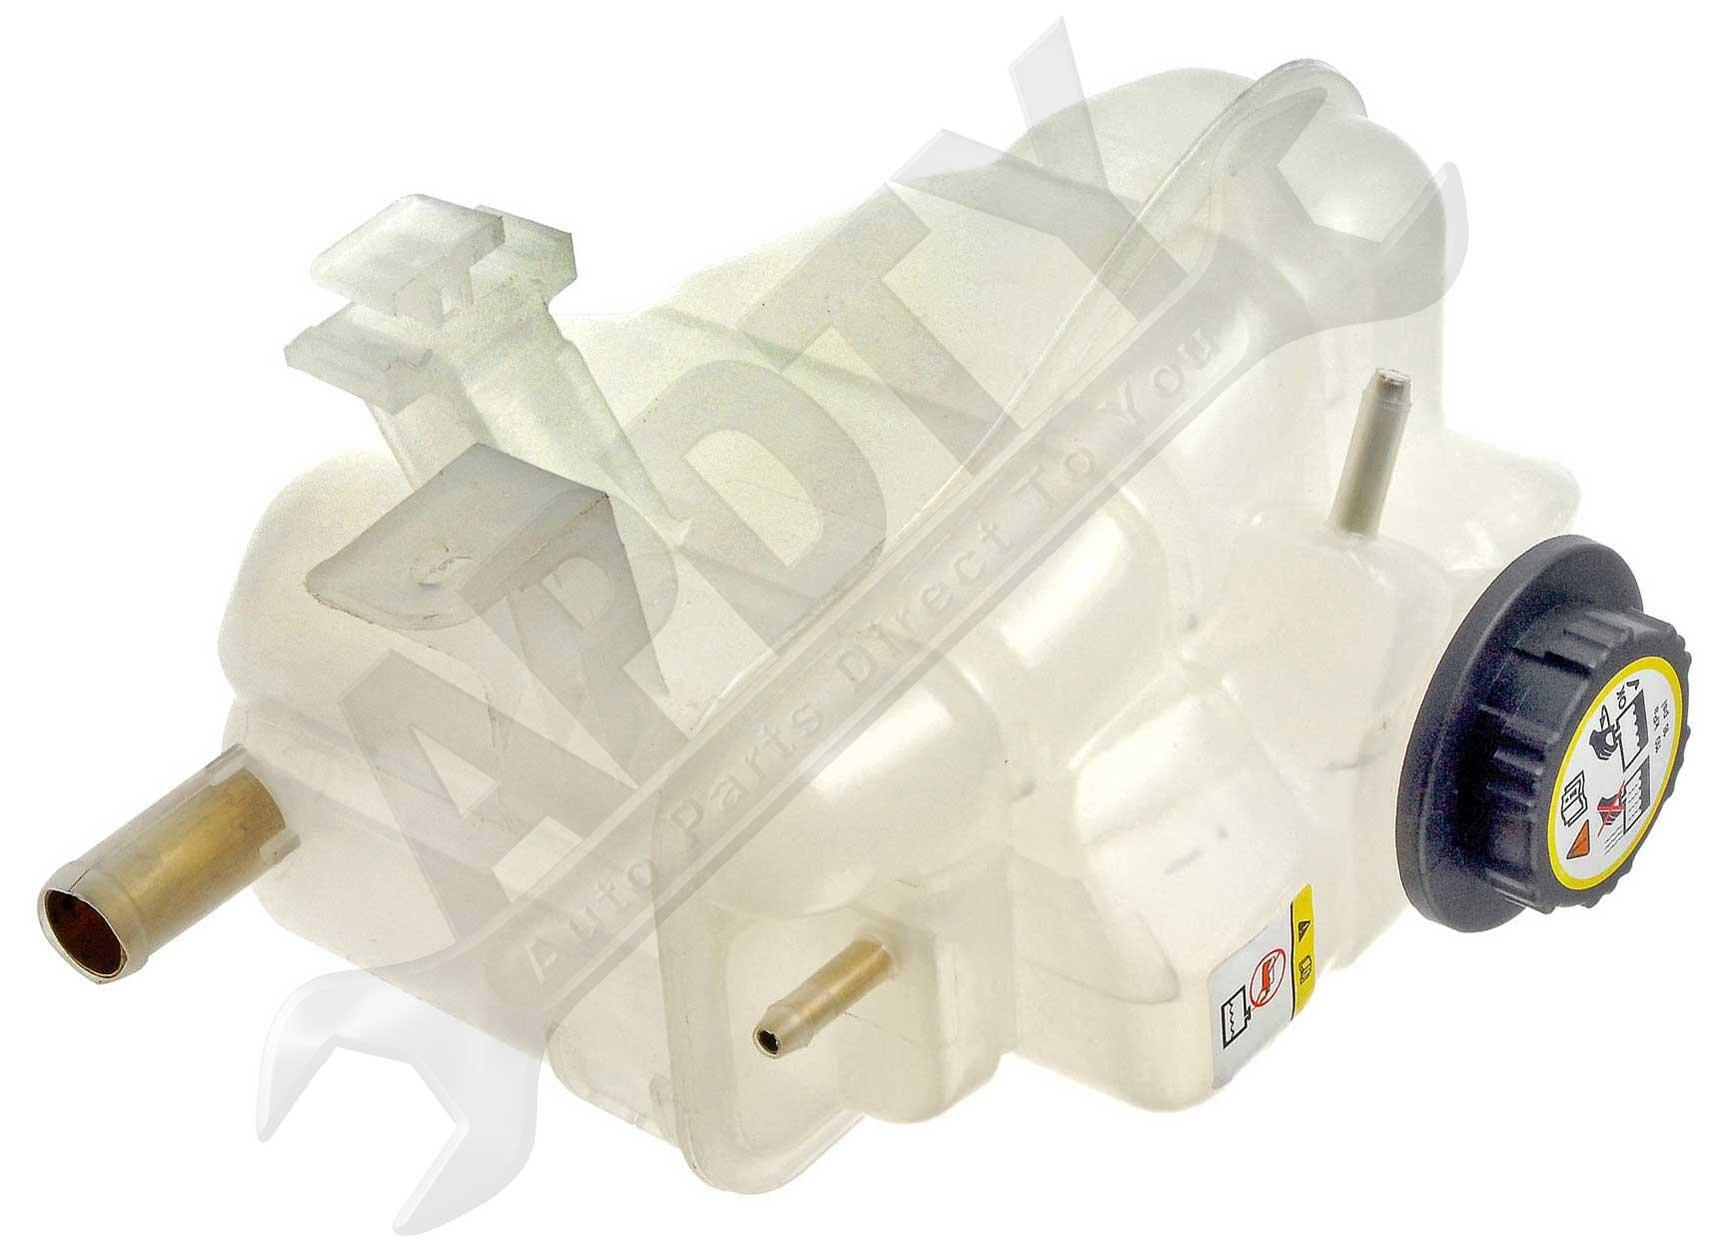 APDTY 714314 Coolant Reservoir Fluid Overflow Bottle Housing & Cap For 00-05 Ford Taurus & Mercury Sable w/ 3.0L OHV Engine; See Description For Details (Replaces 1F1Z 8A080-AA, 9C3Z8101B, F6DZ8100-A)